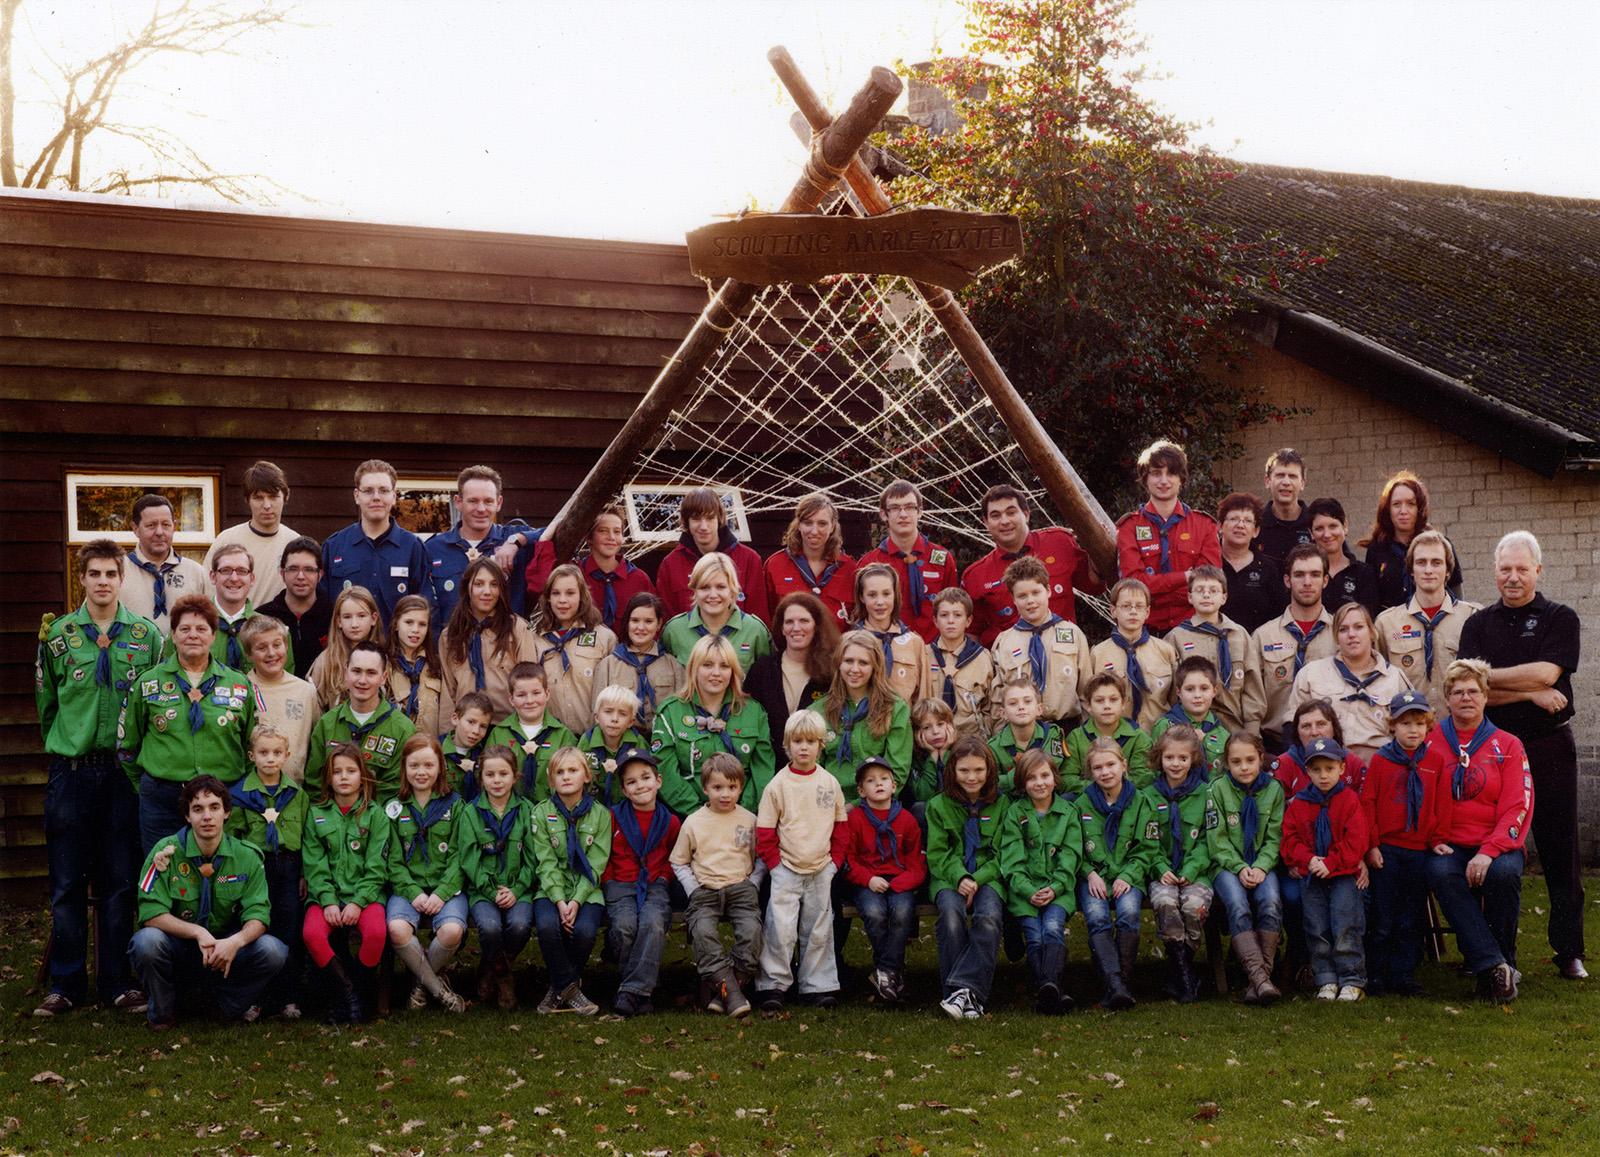 Groepsfoto Scouting Aarle-Rixtel 75 jaar.